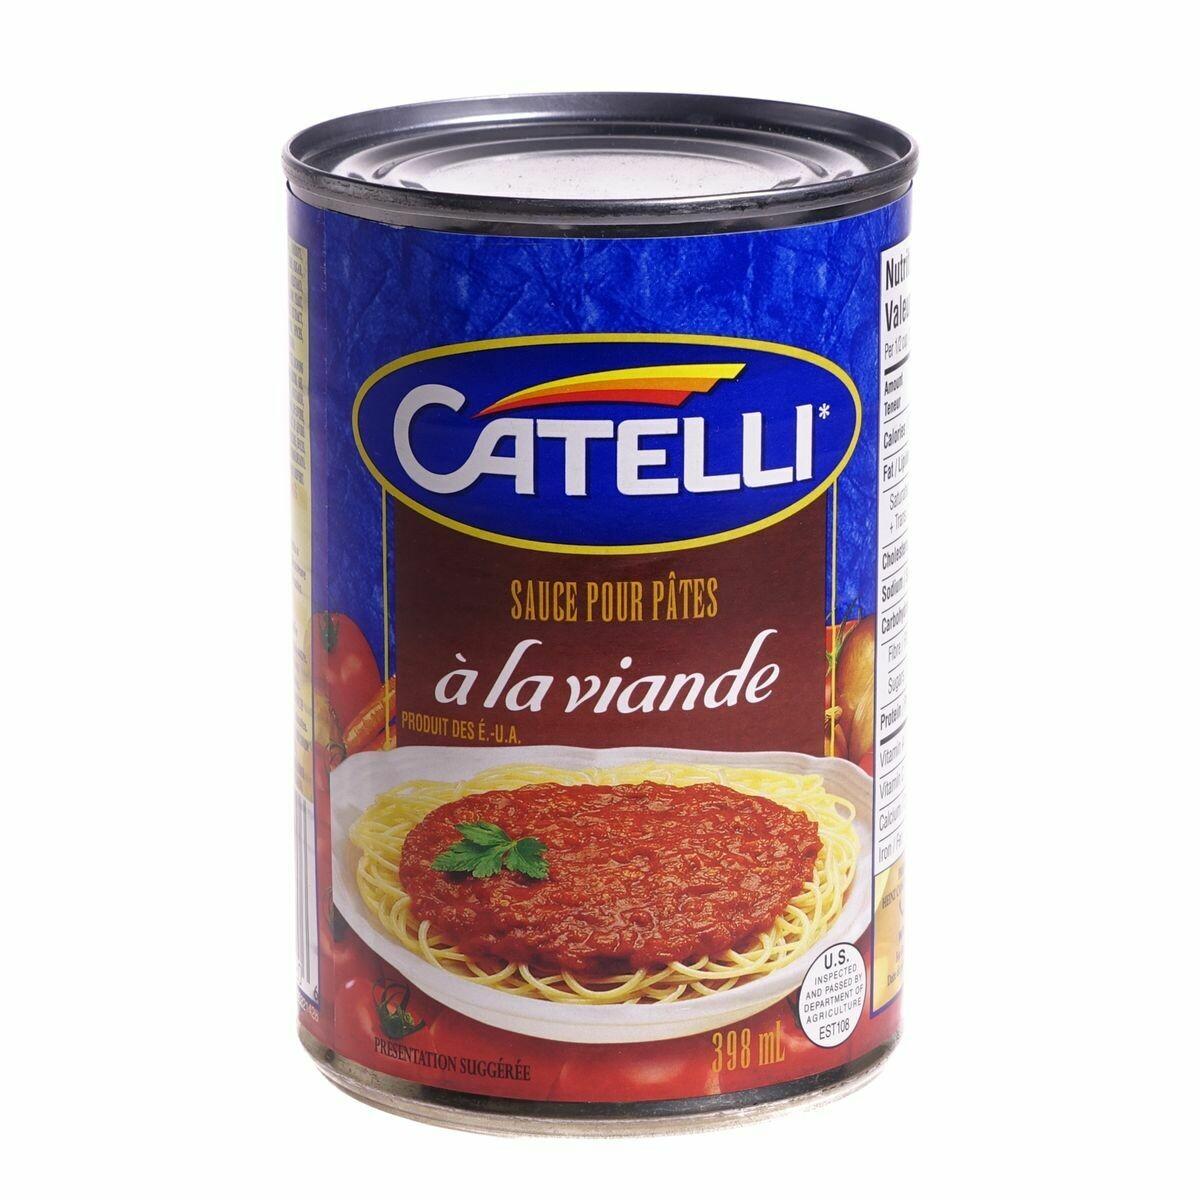 Sauce Spaghetti Catelli 398ML 4,09$